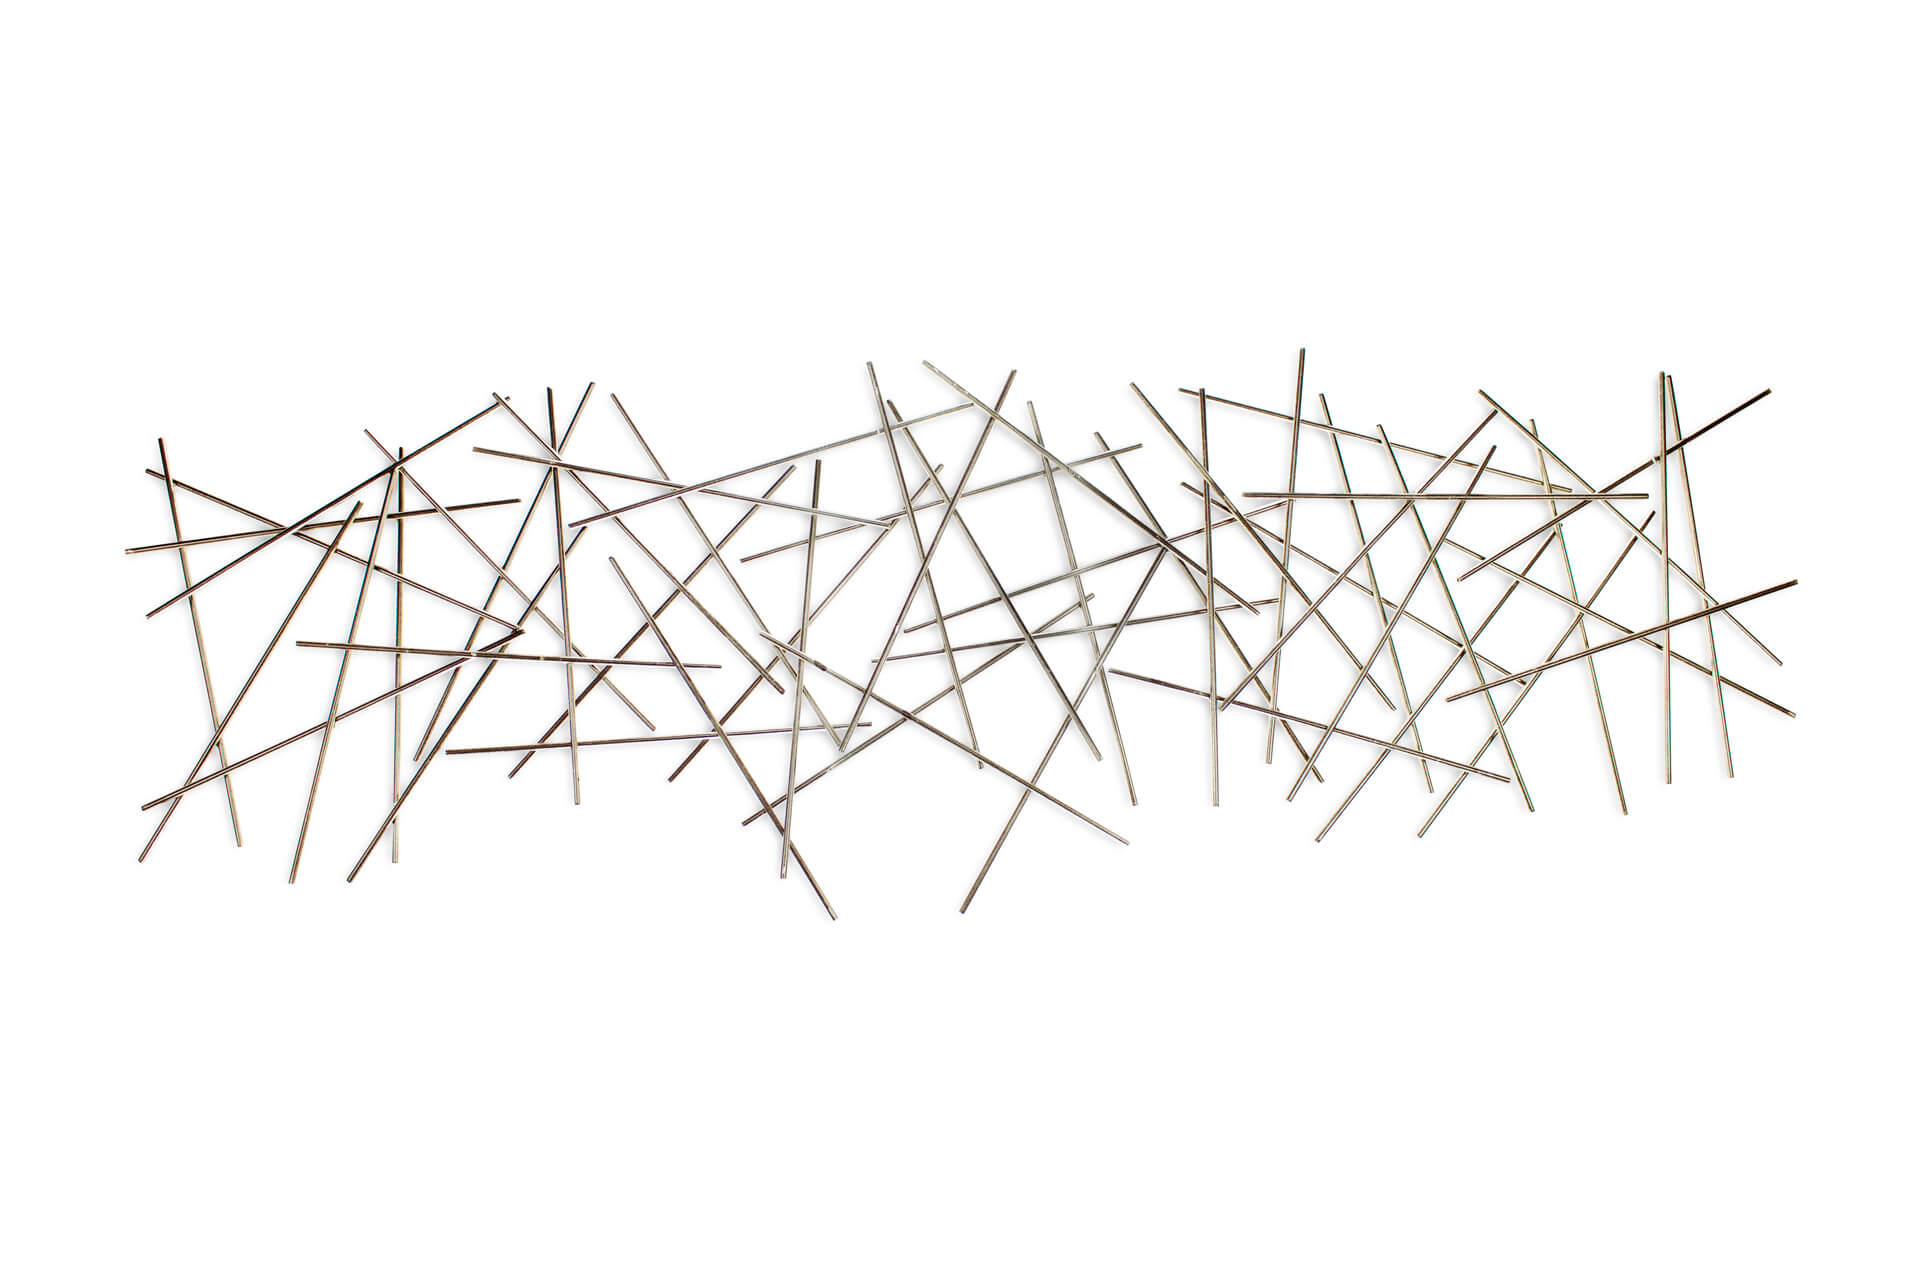 kl abstrakt staebe gold silber wanddeko metall wandskulptur wandbilder aus metall 01